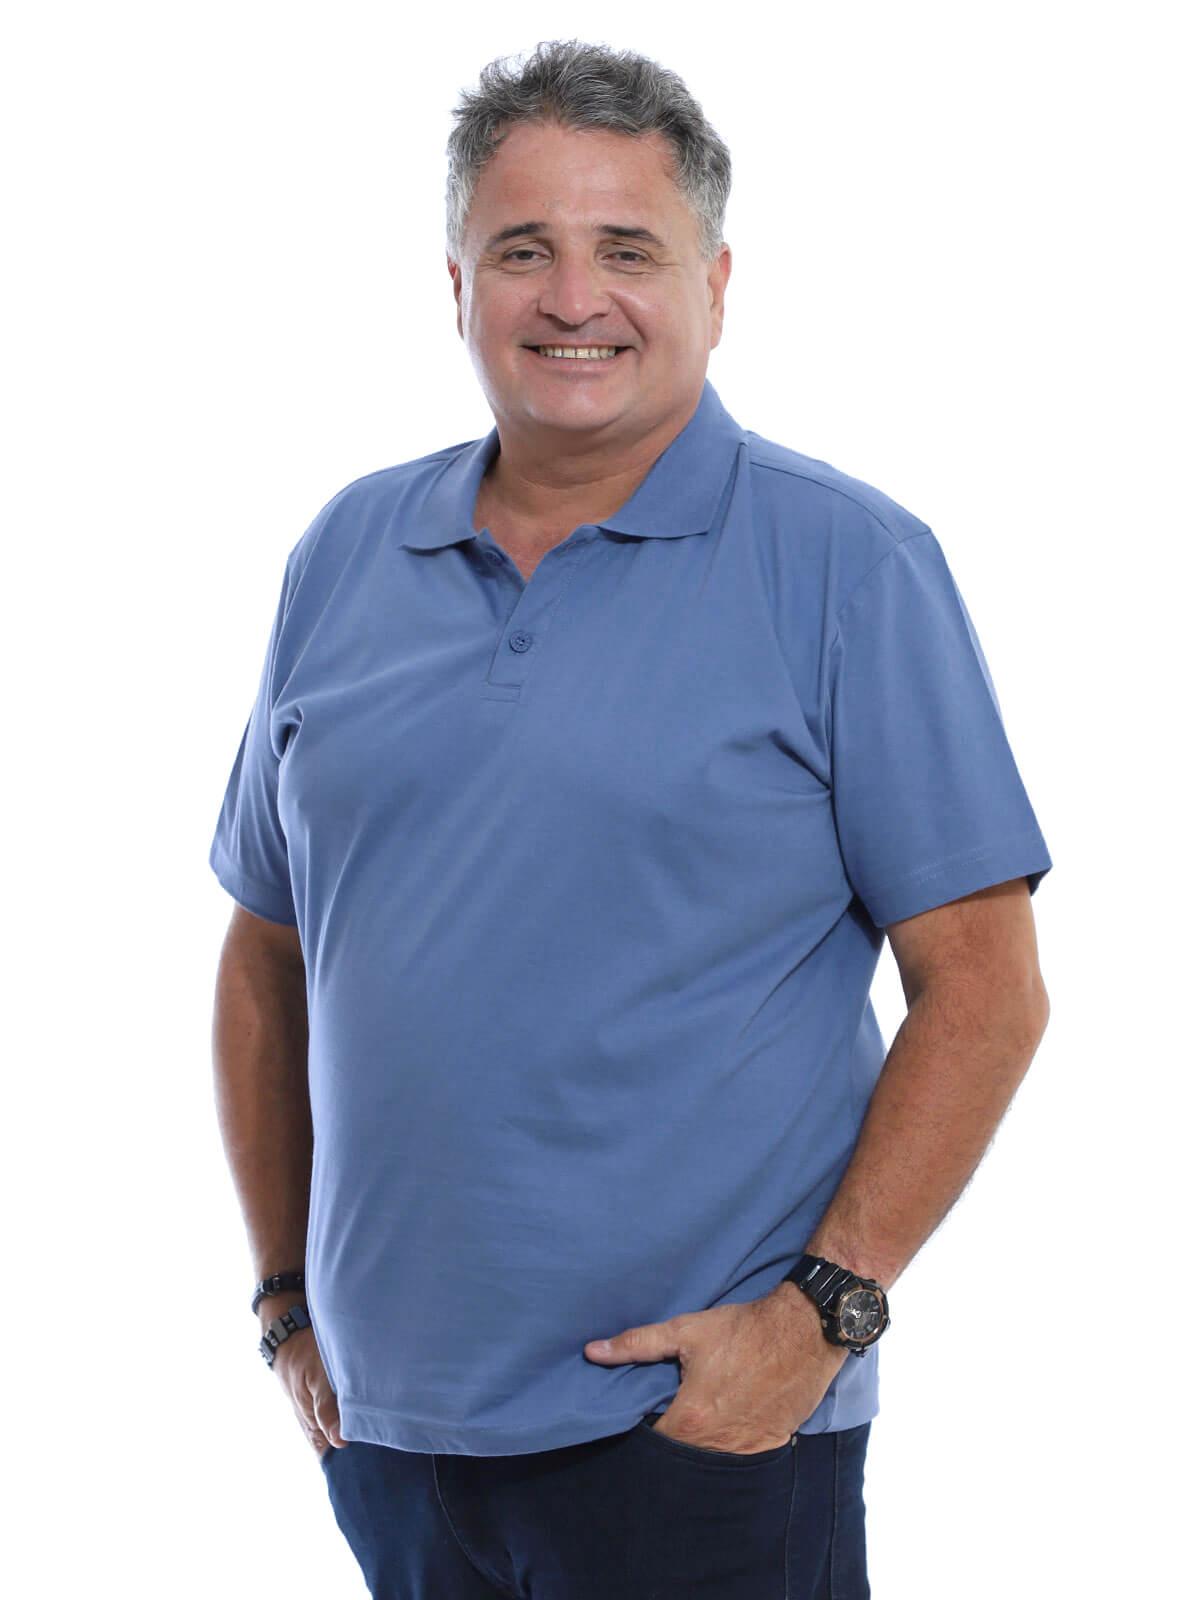 Camisa Polo Plus Size Masculina Lisa Básica Algodão Azul Indigo